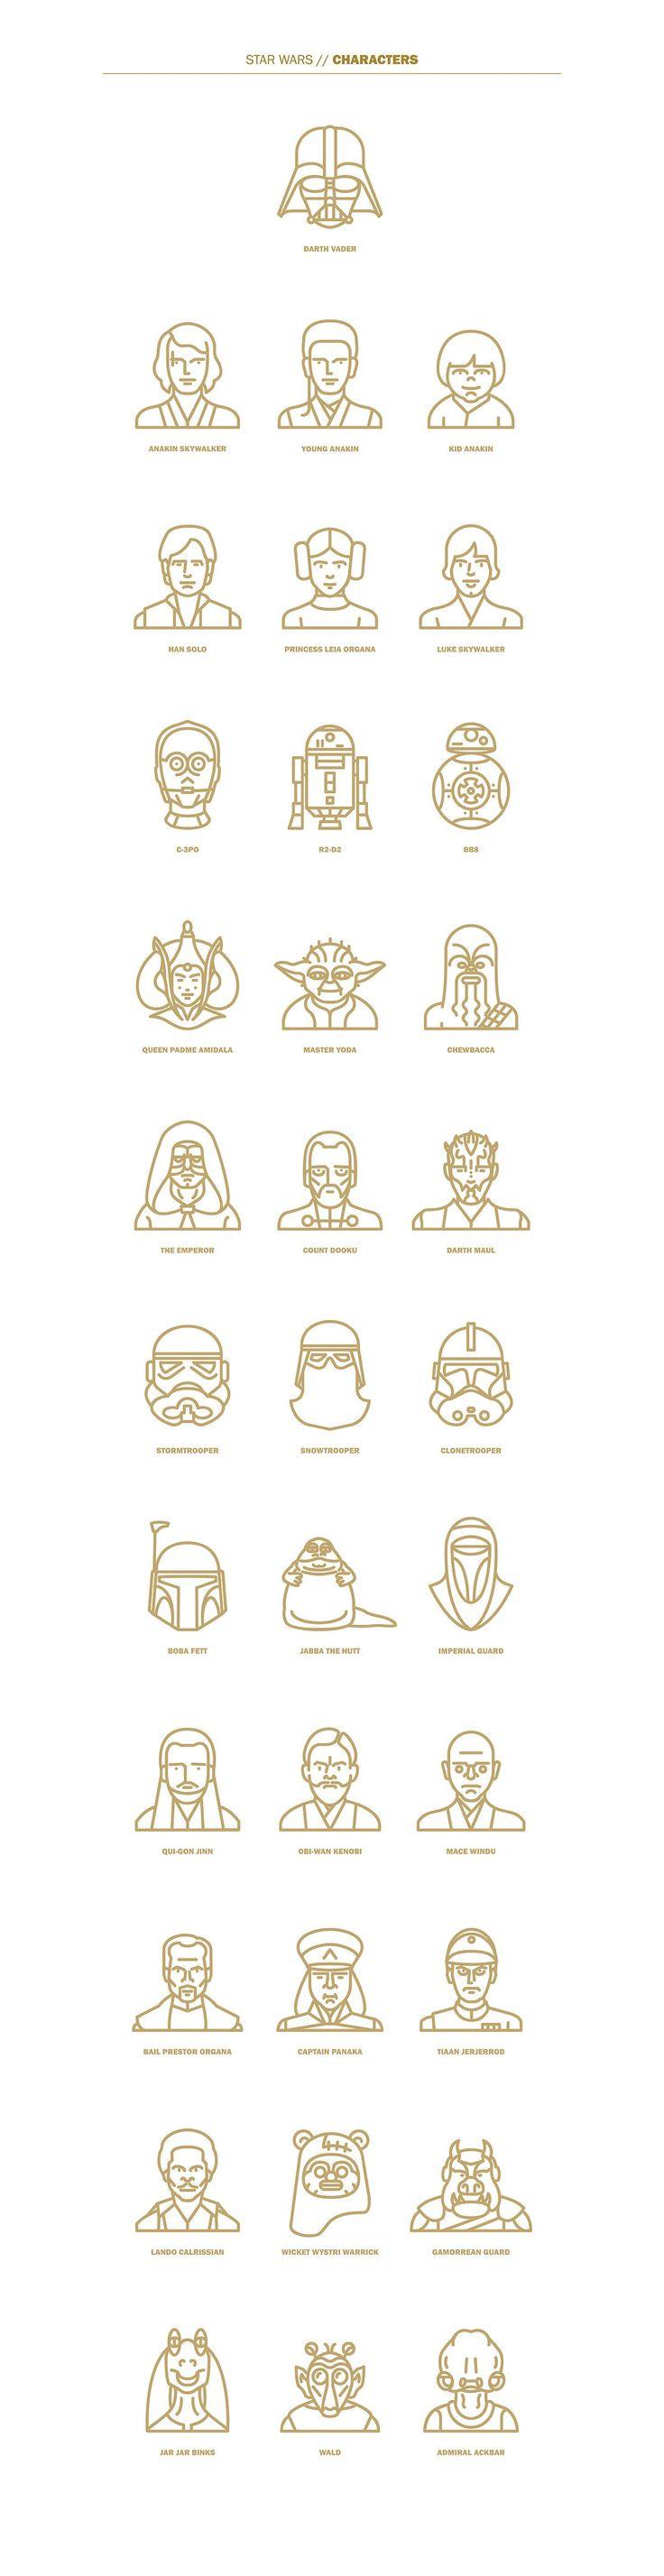 The Designis Strong With This One Selin Ozgur est une graphiste Californienne adepte du design épuré, et nous livre ici une superbe galerie de logos reprenant la plupart des personnages, véhicules…